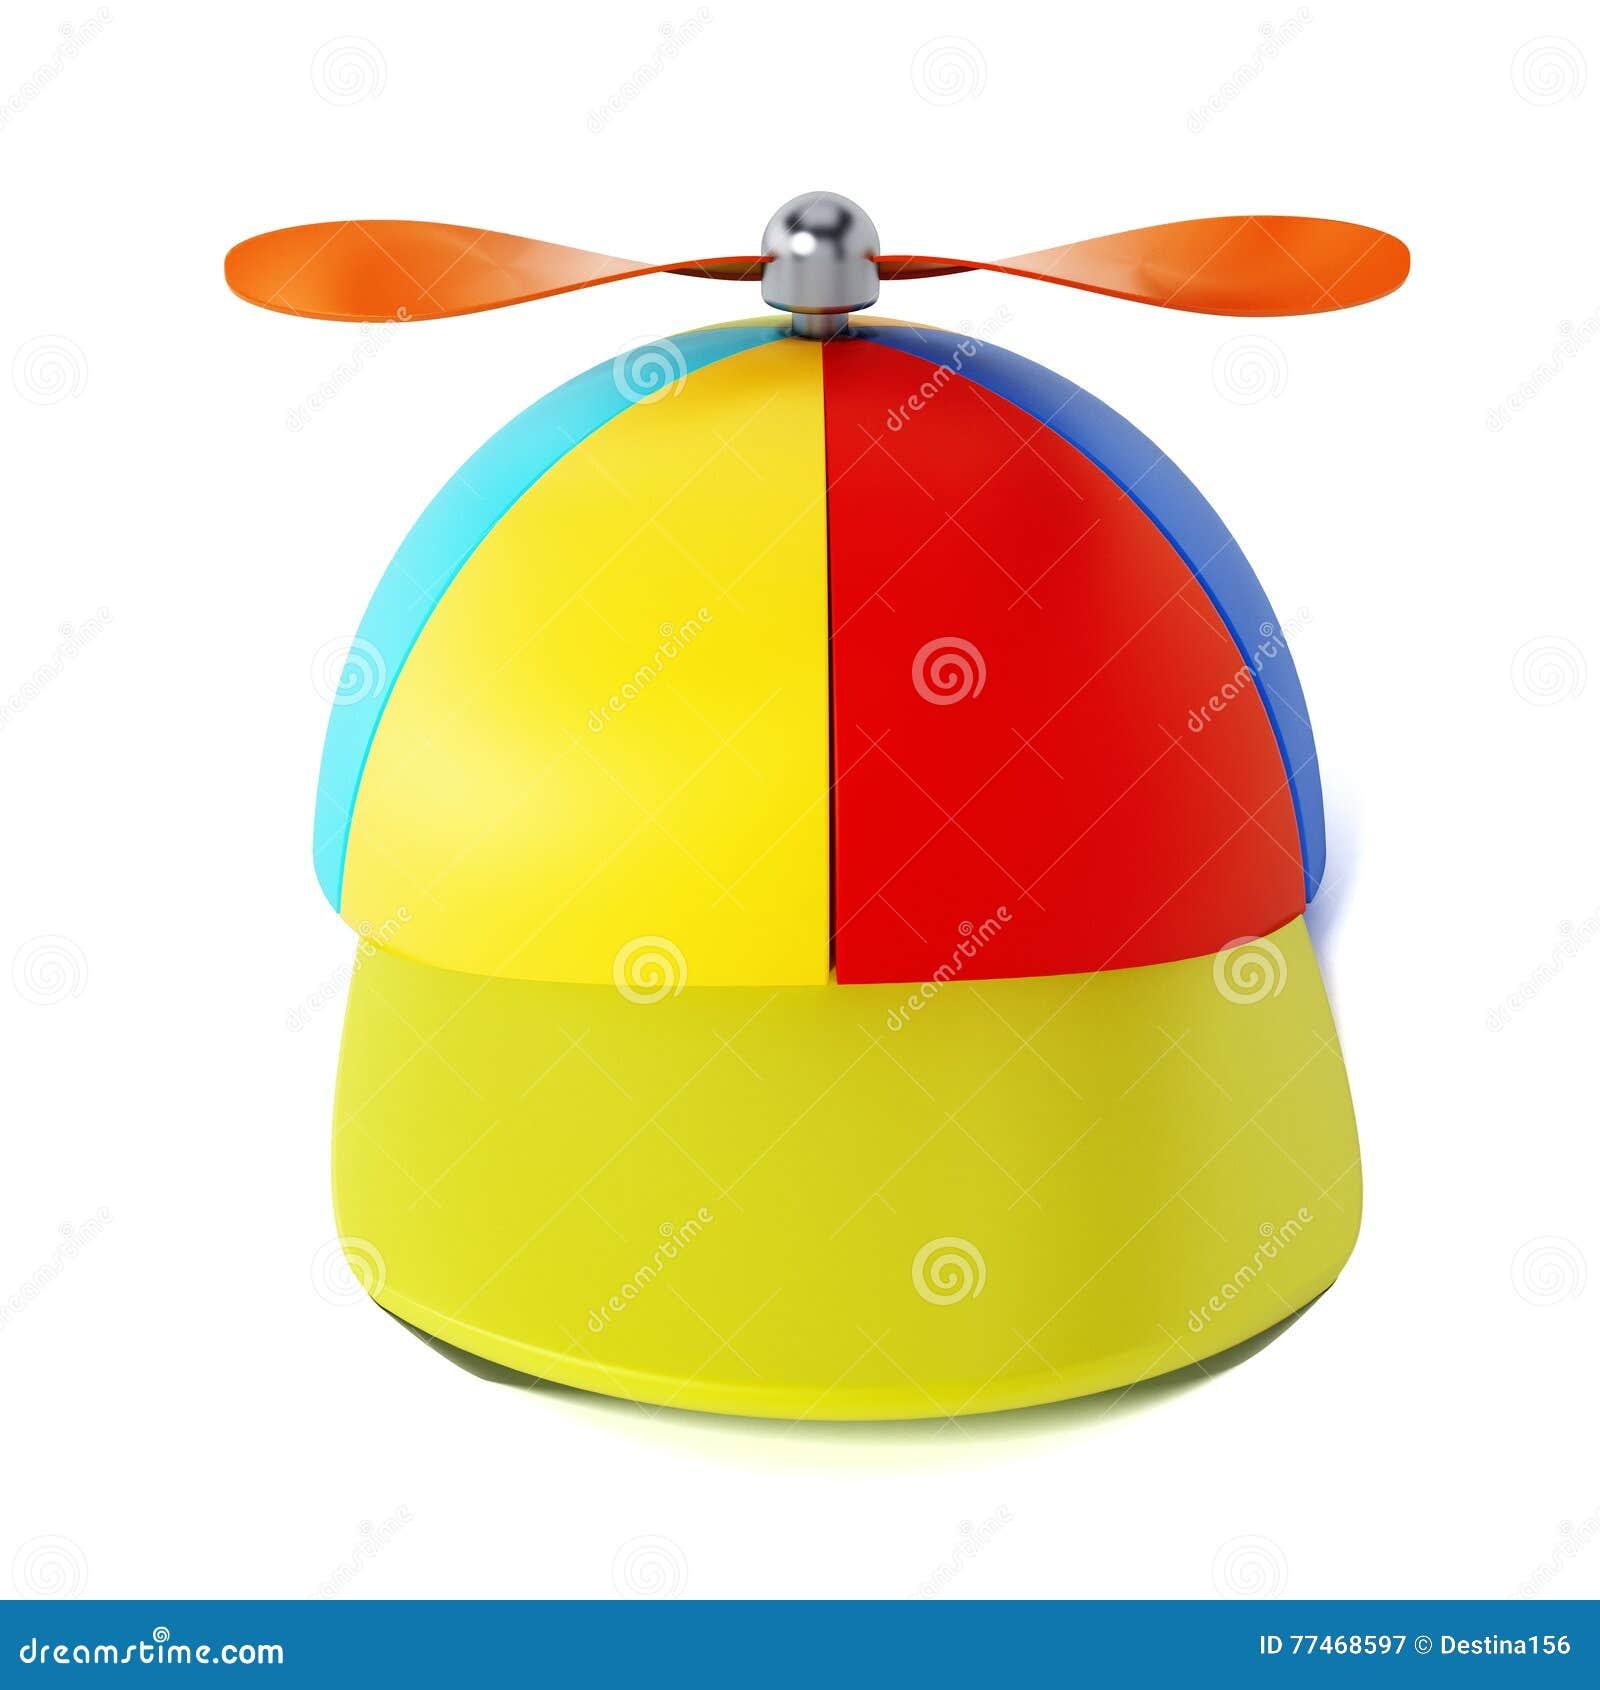 ... Elica Cappello Colorato Patchwork Personalizzato Cotone Di Disegno   Multi ... 89a687557aa4